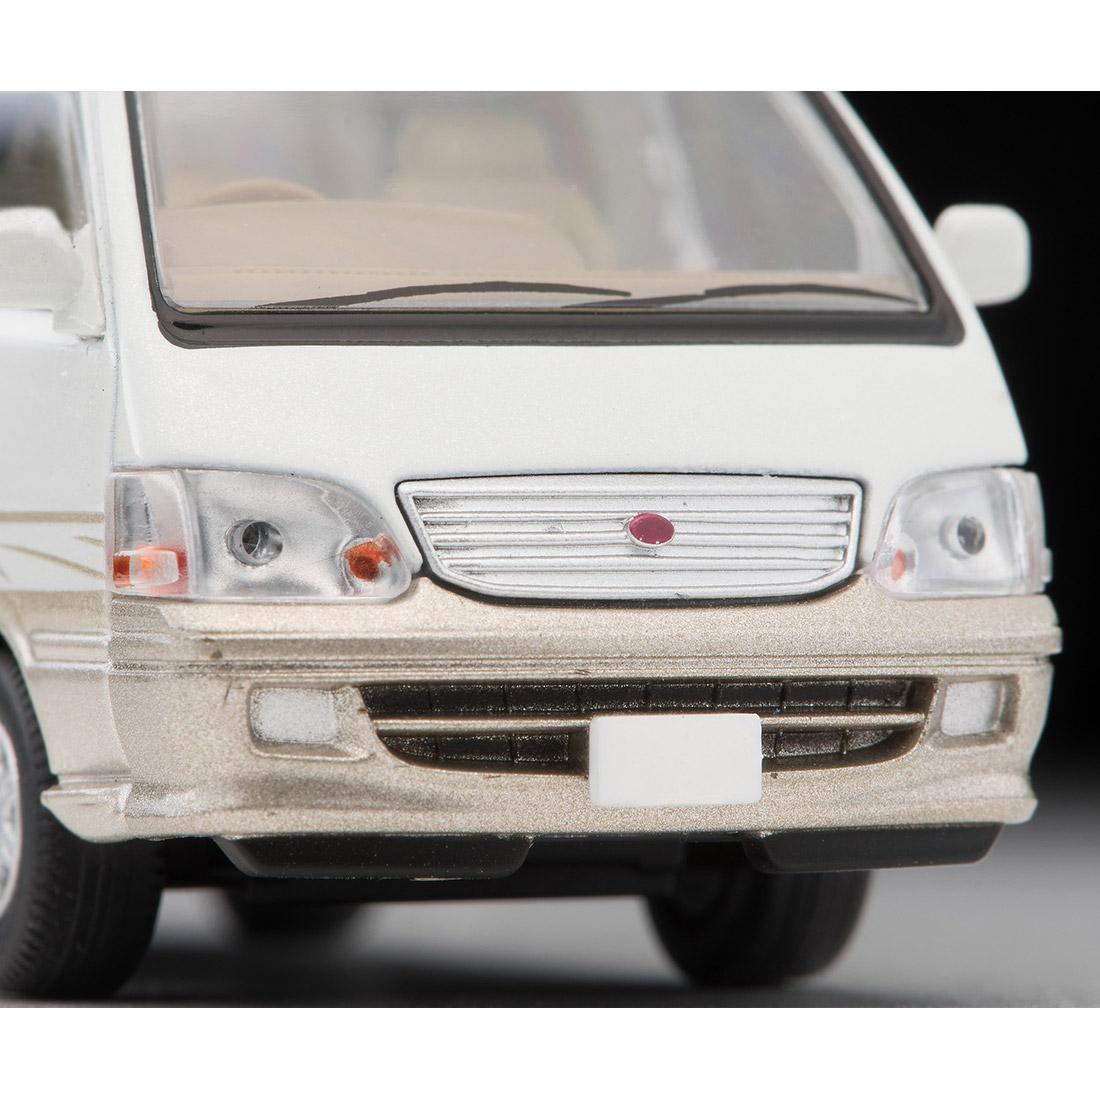 トミカリミテッド ヴィンテージ ネオ TLV-NEO『LV-N216a ハイエースワゴン リビングサルーン EX(白/ベージュ)』1/64 ミニカー-006